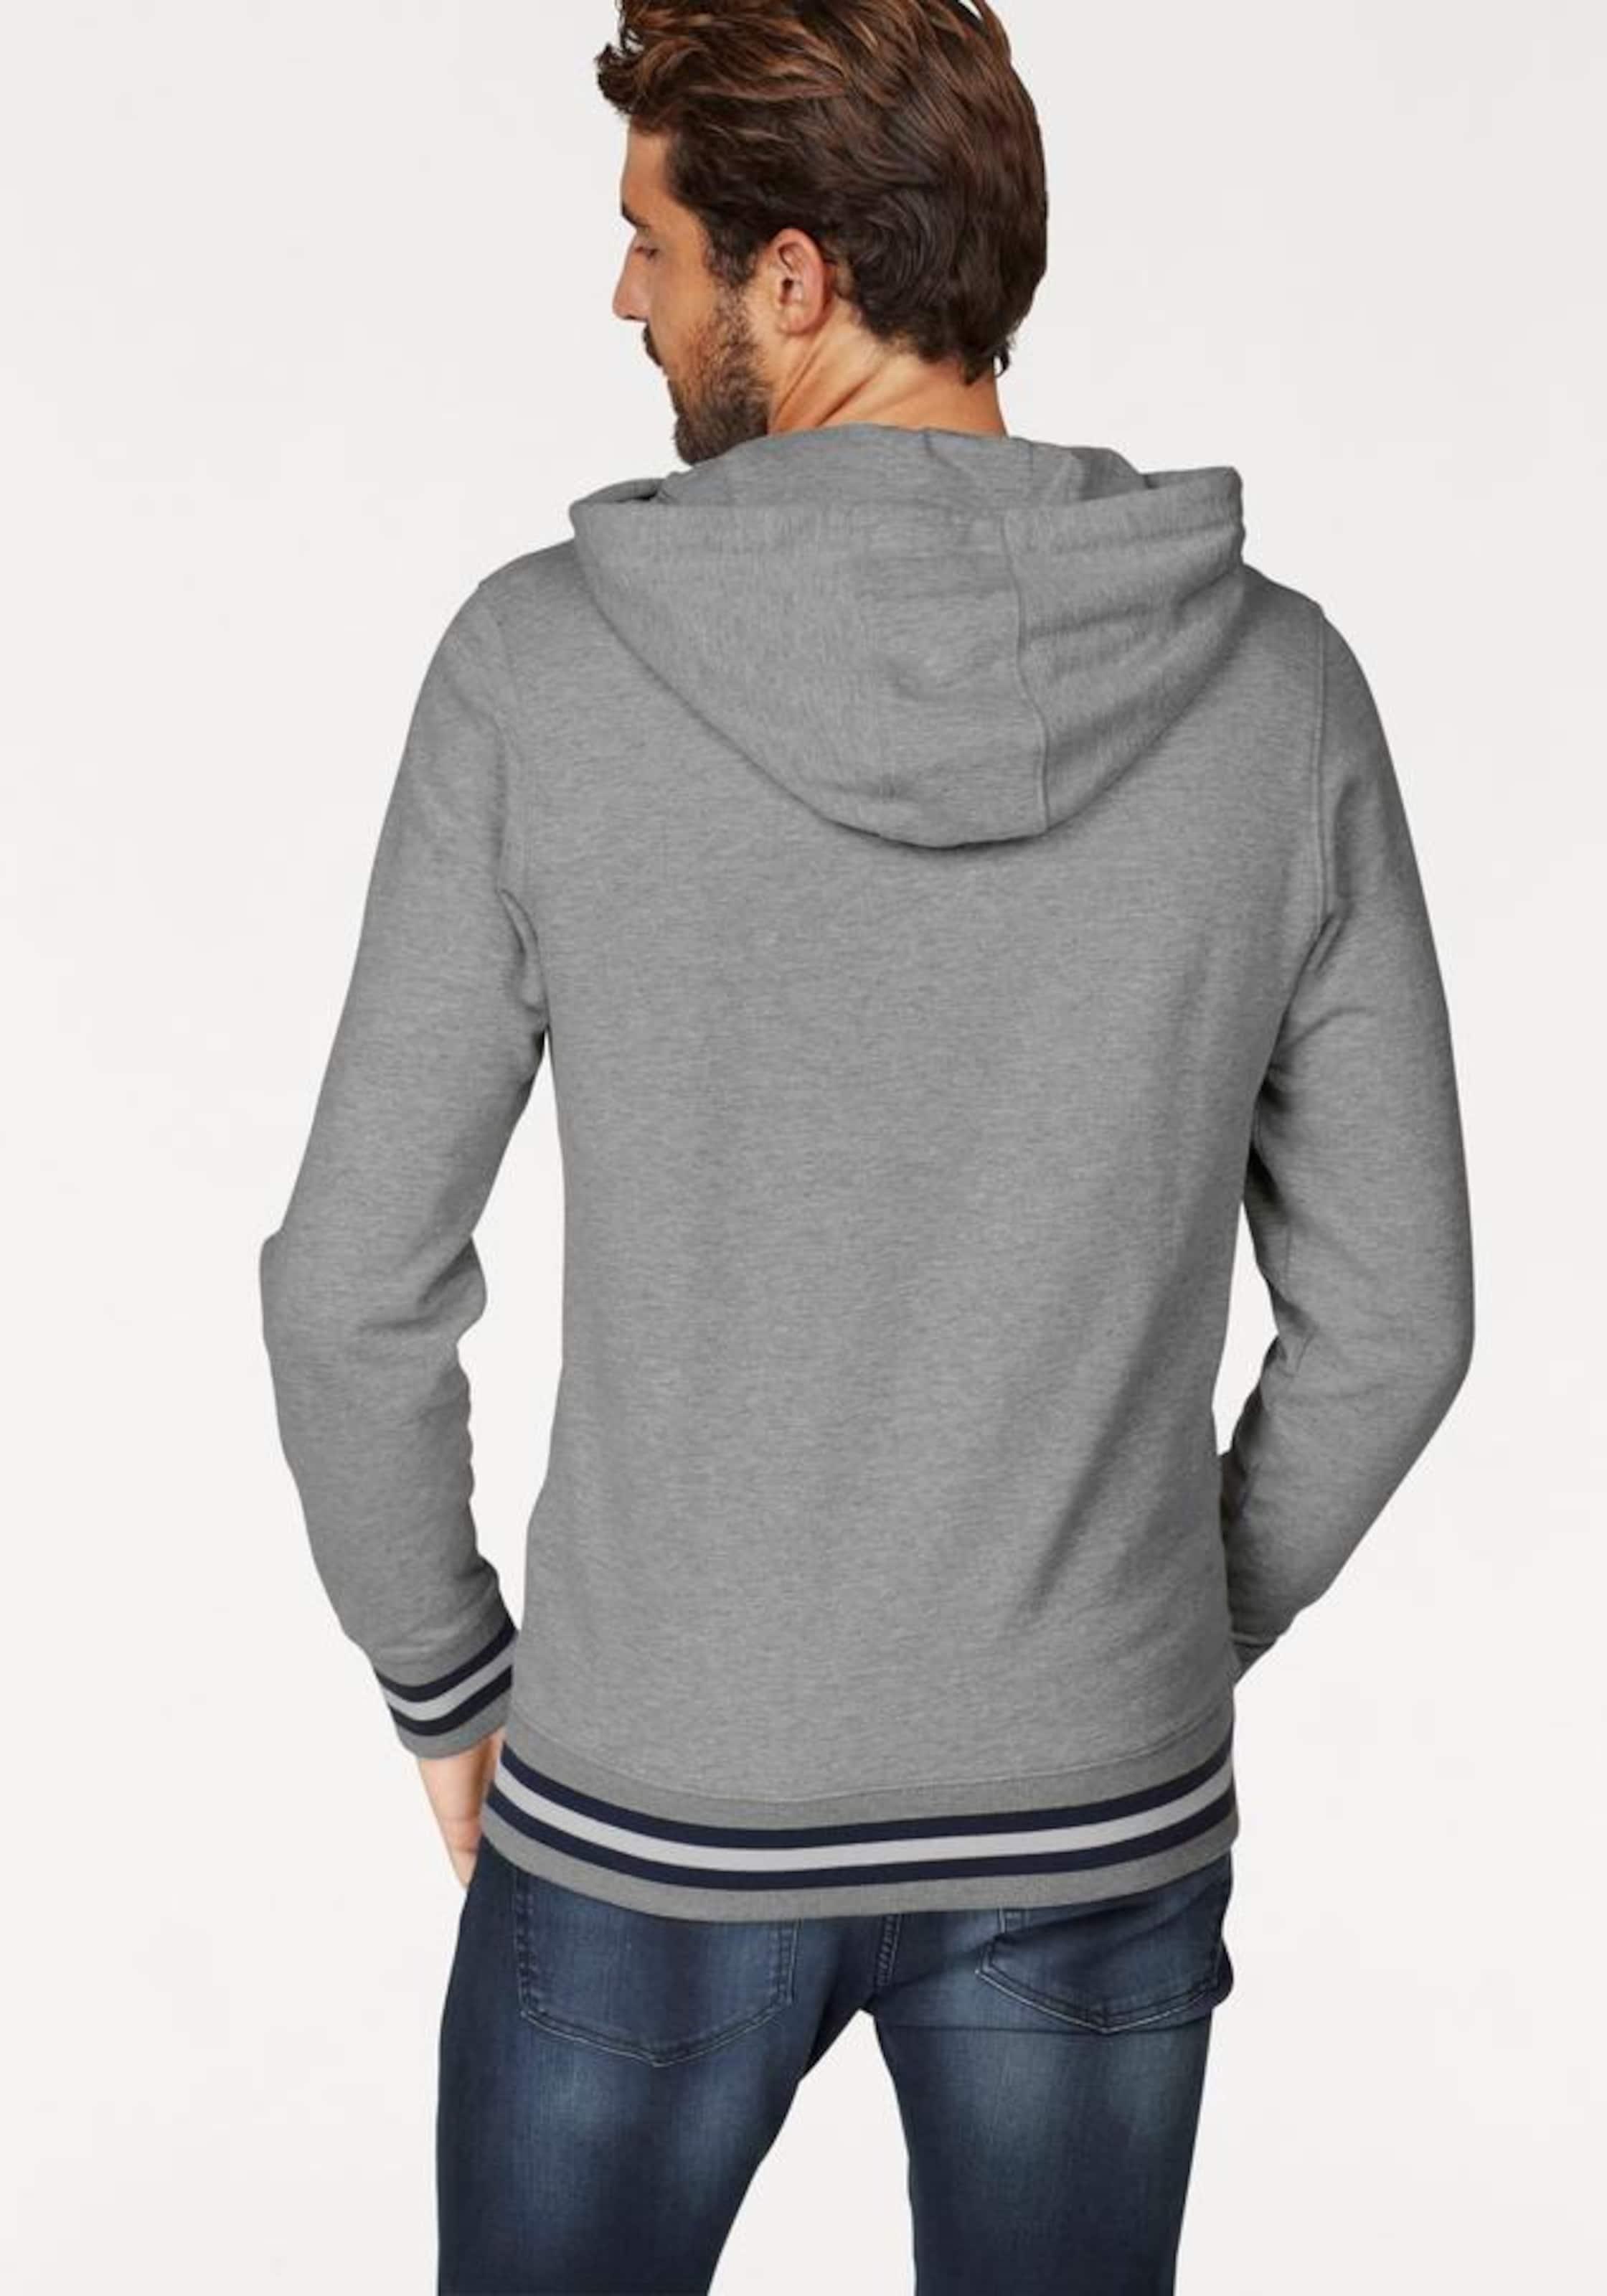 Tom Tailor Polo Team Kapuzensweatshirt Kaufen Spielraum Manchester Großer Verkauf Auslass Empfehlen Freies Verschiffen Countdown-Paket Suche Zum Verkauf nR8E8